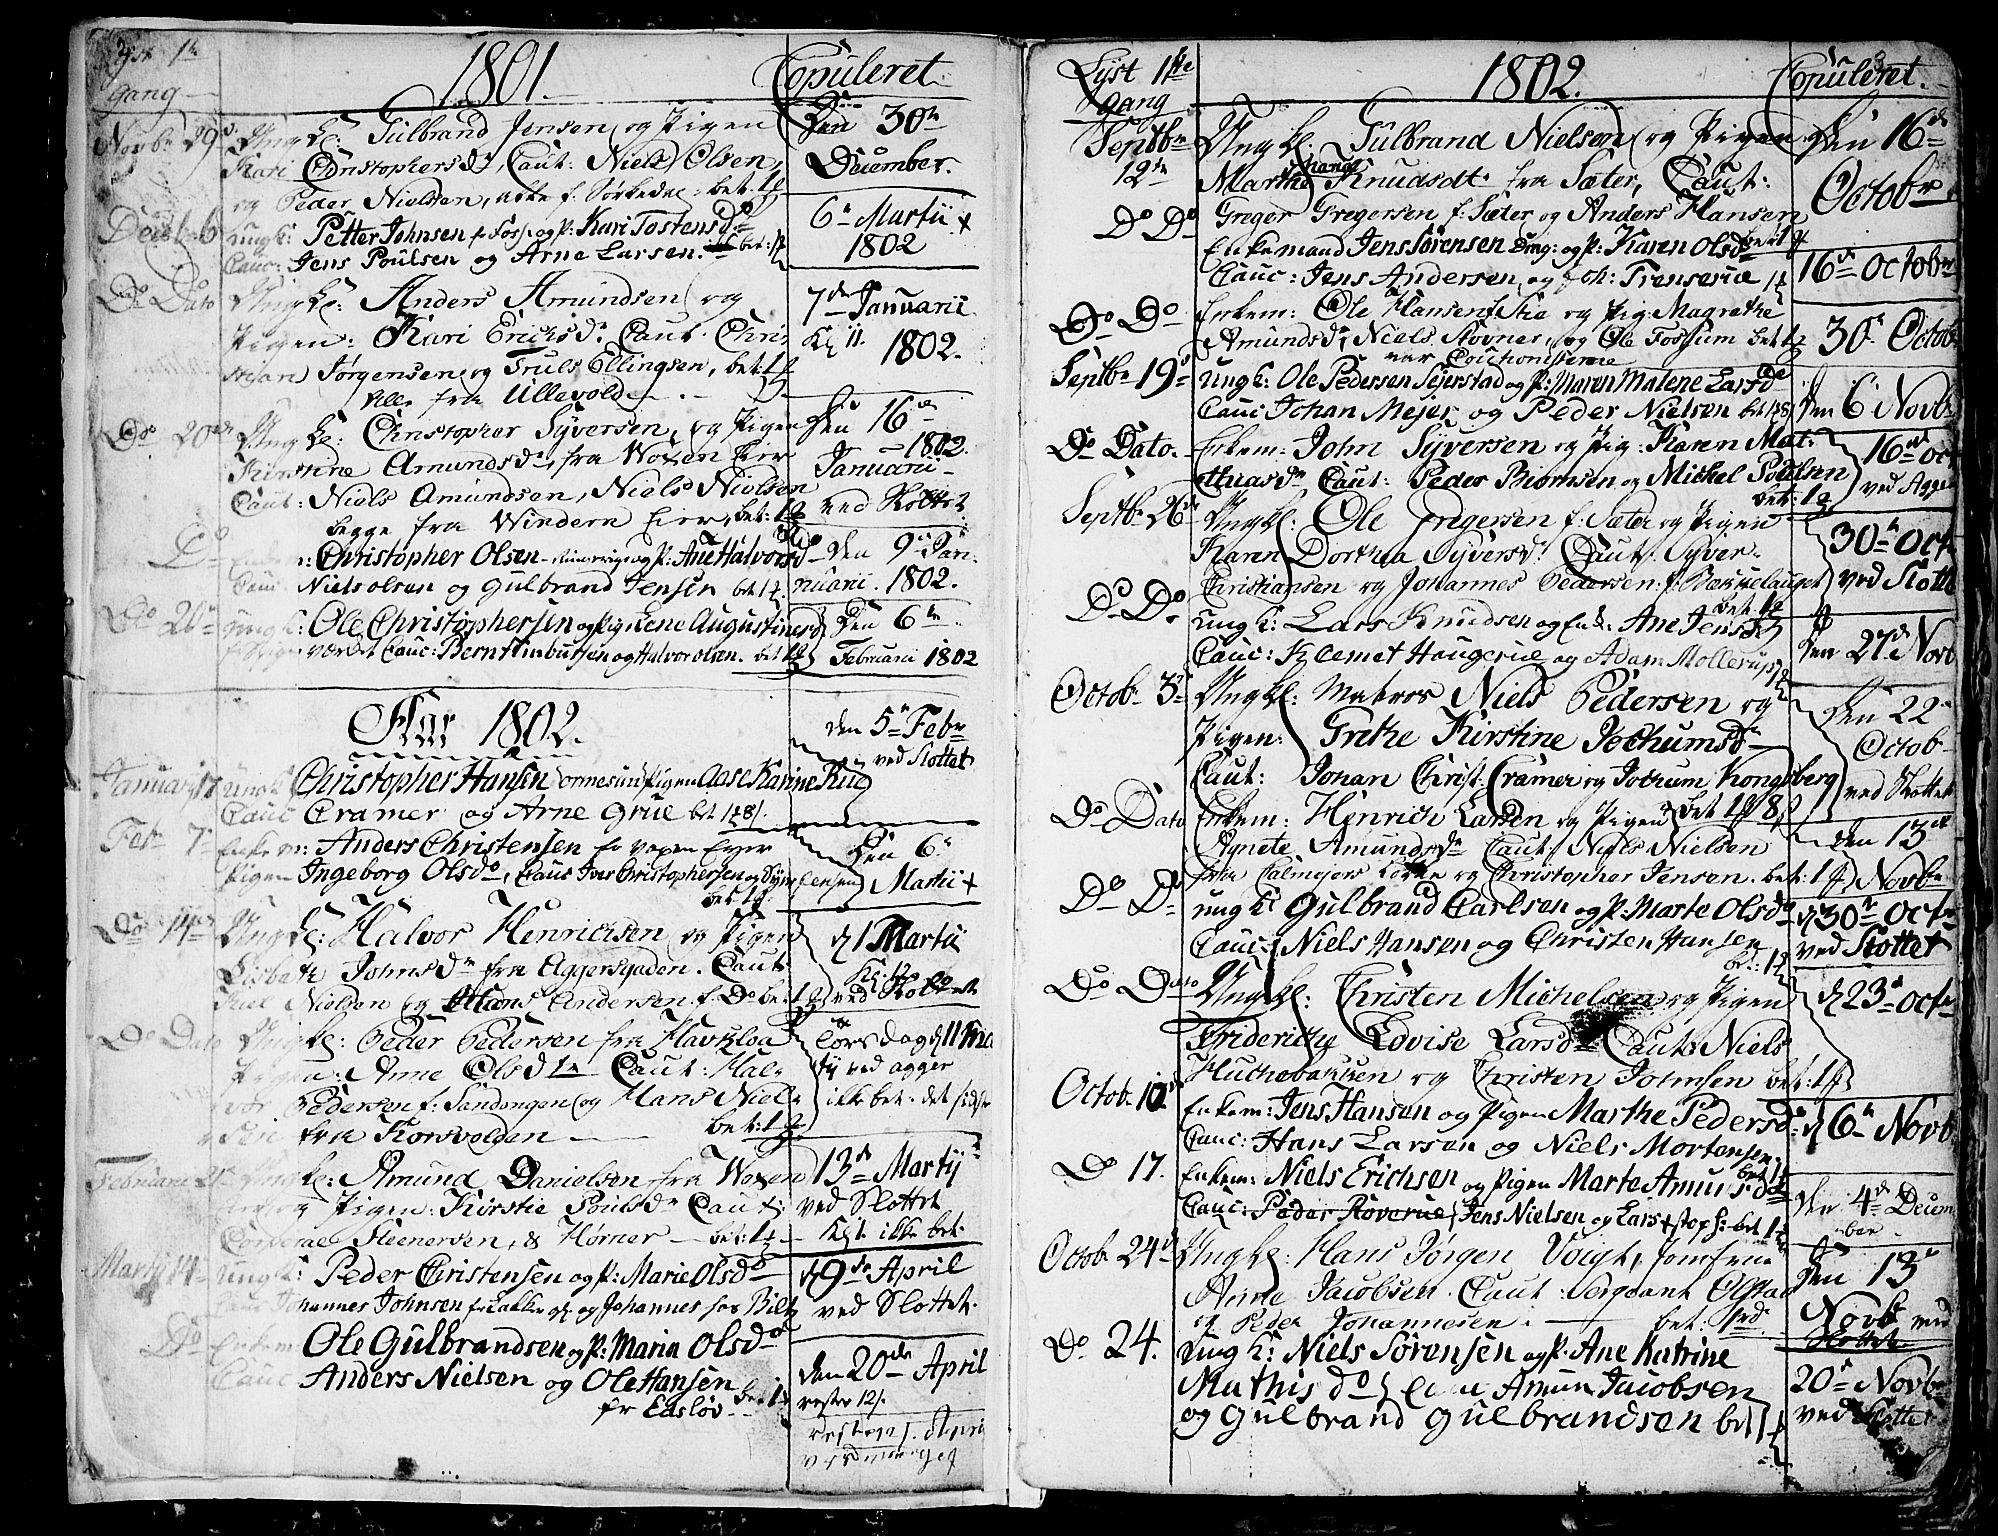 SAO, Aker prestekontor kirkebøker, G/L0001: Klokkerbok nr. 1, 1796-1826, s. 2-3